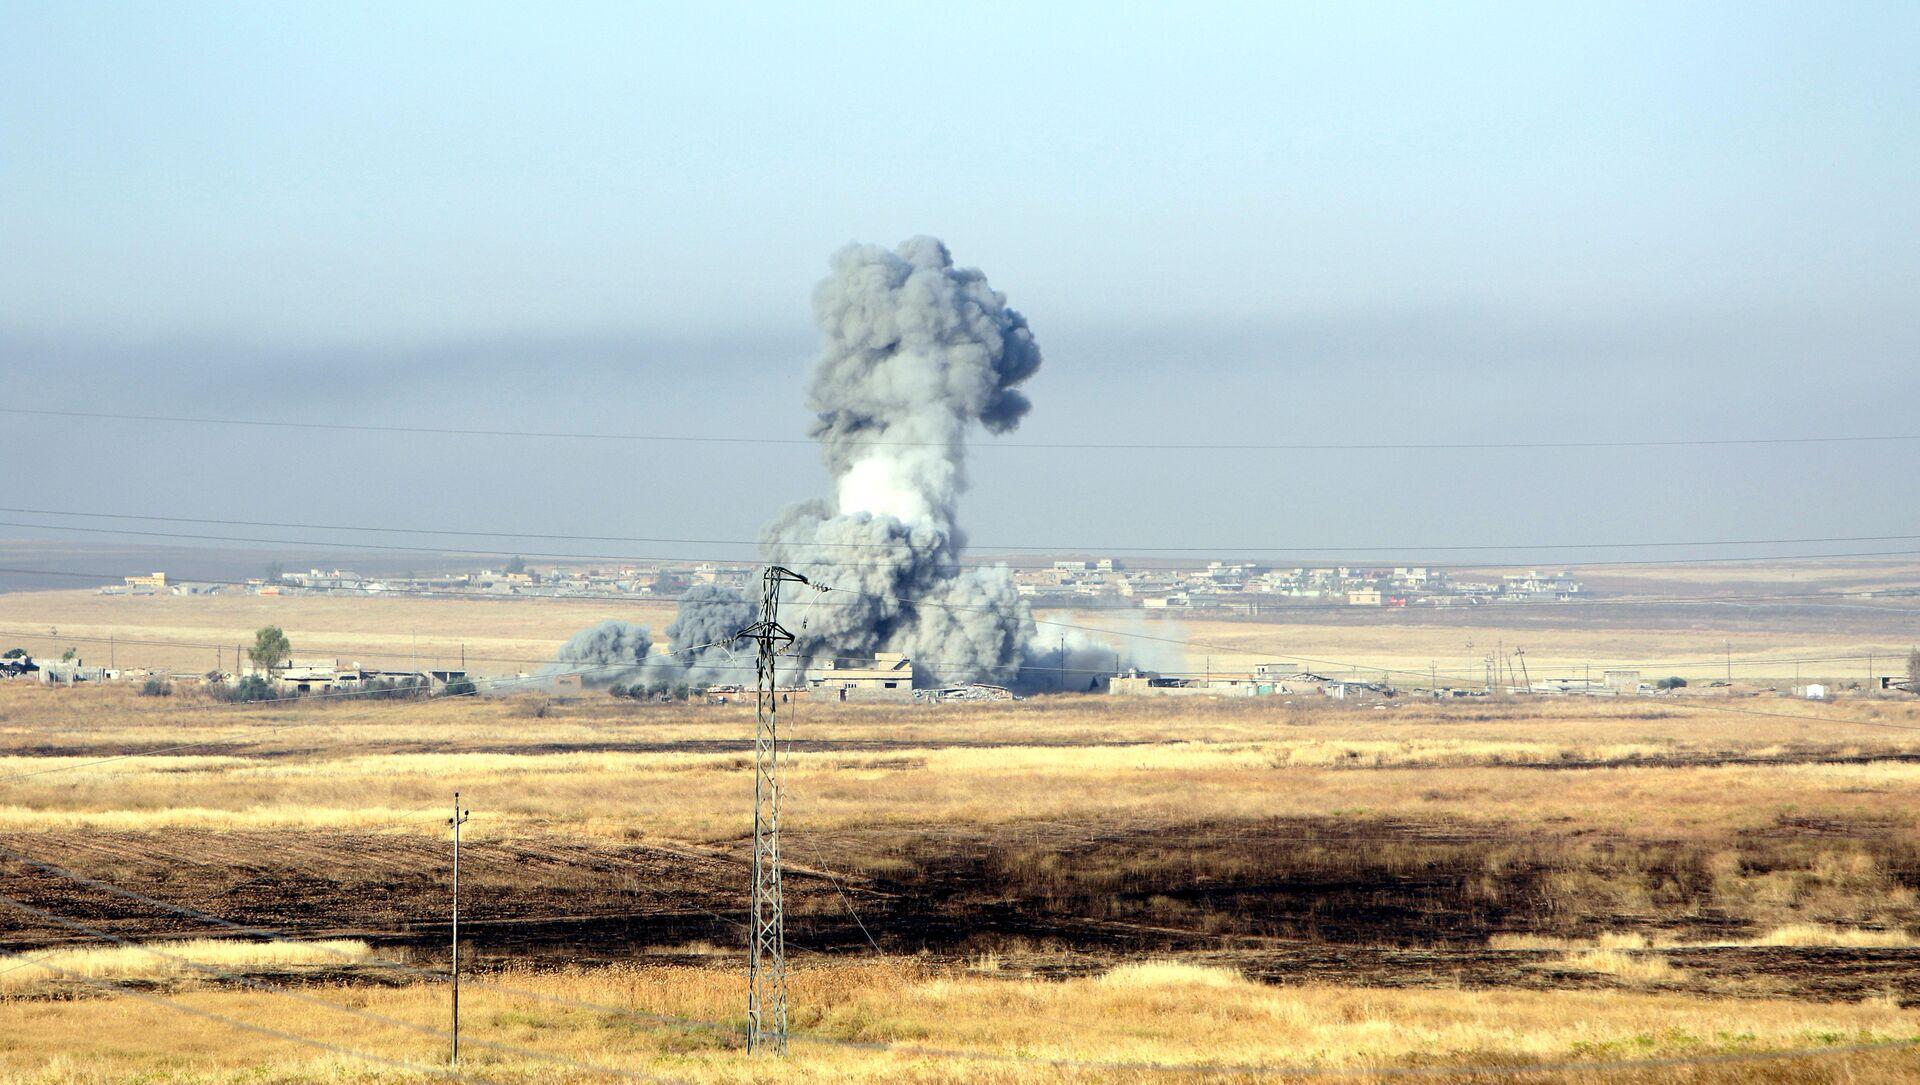 Ataque aéreo contra Daesh de la coalición liderada por EEUU - Sputnik Mundo, 1920, 18.11.2016